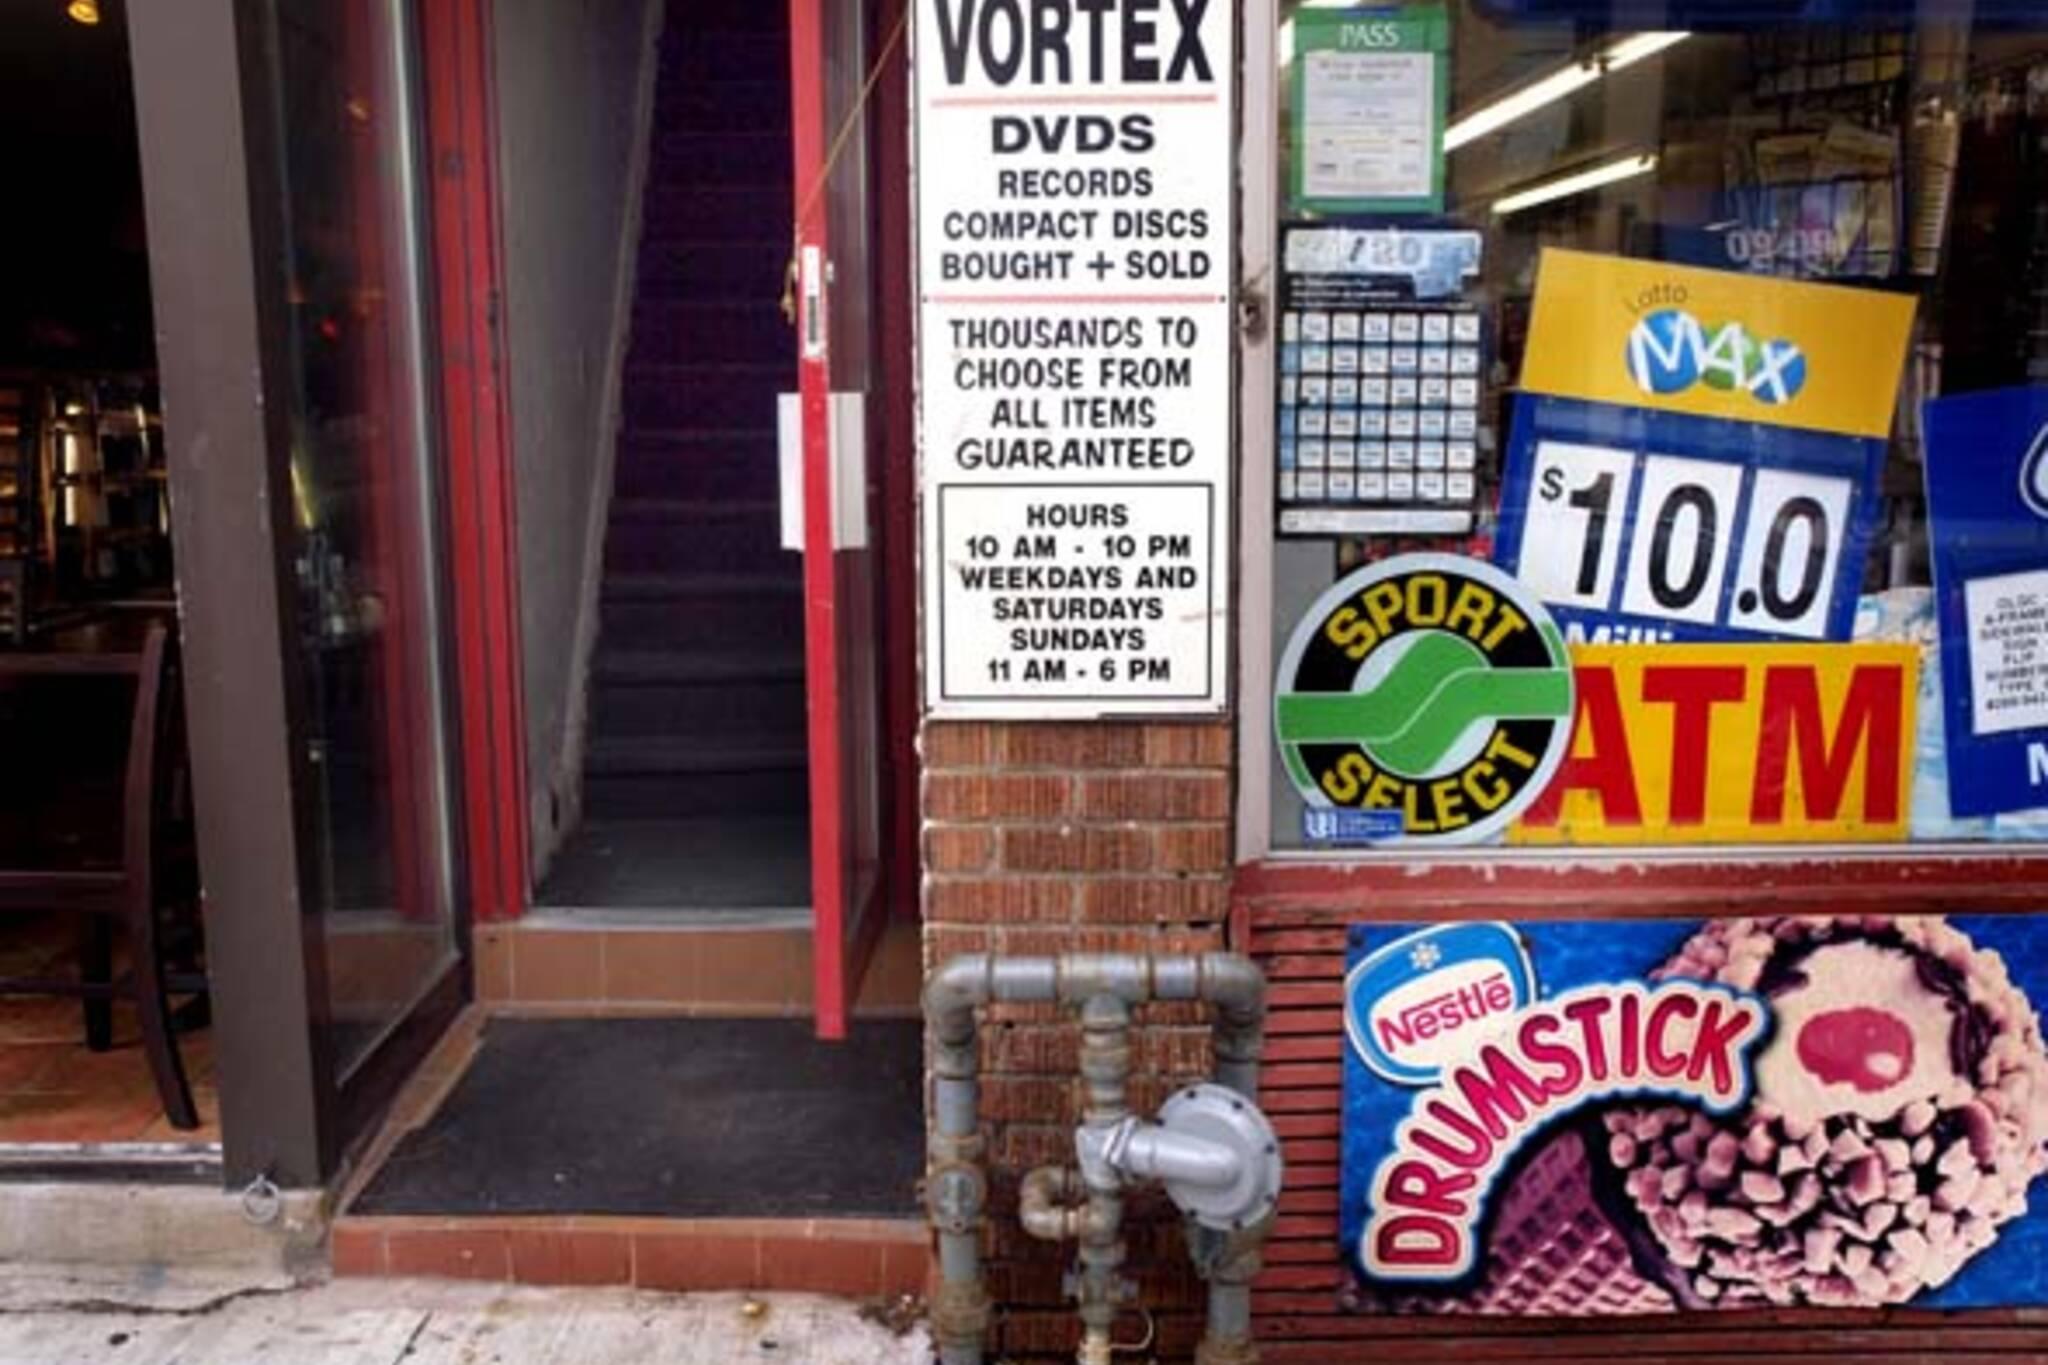 20101011-VortexRecords.jpg